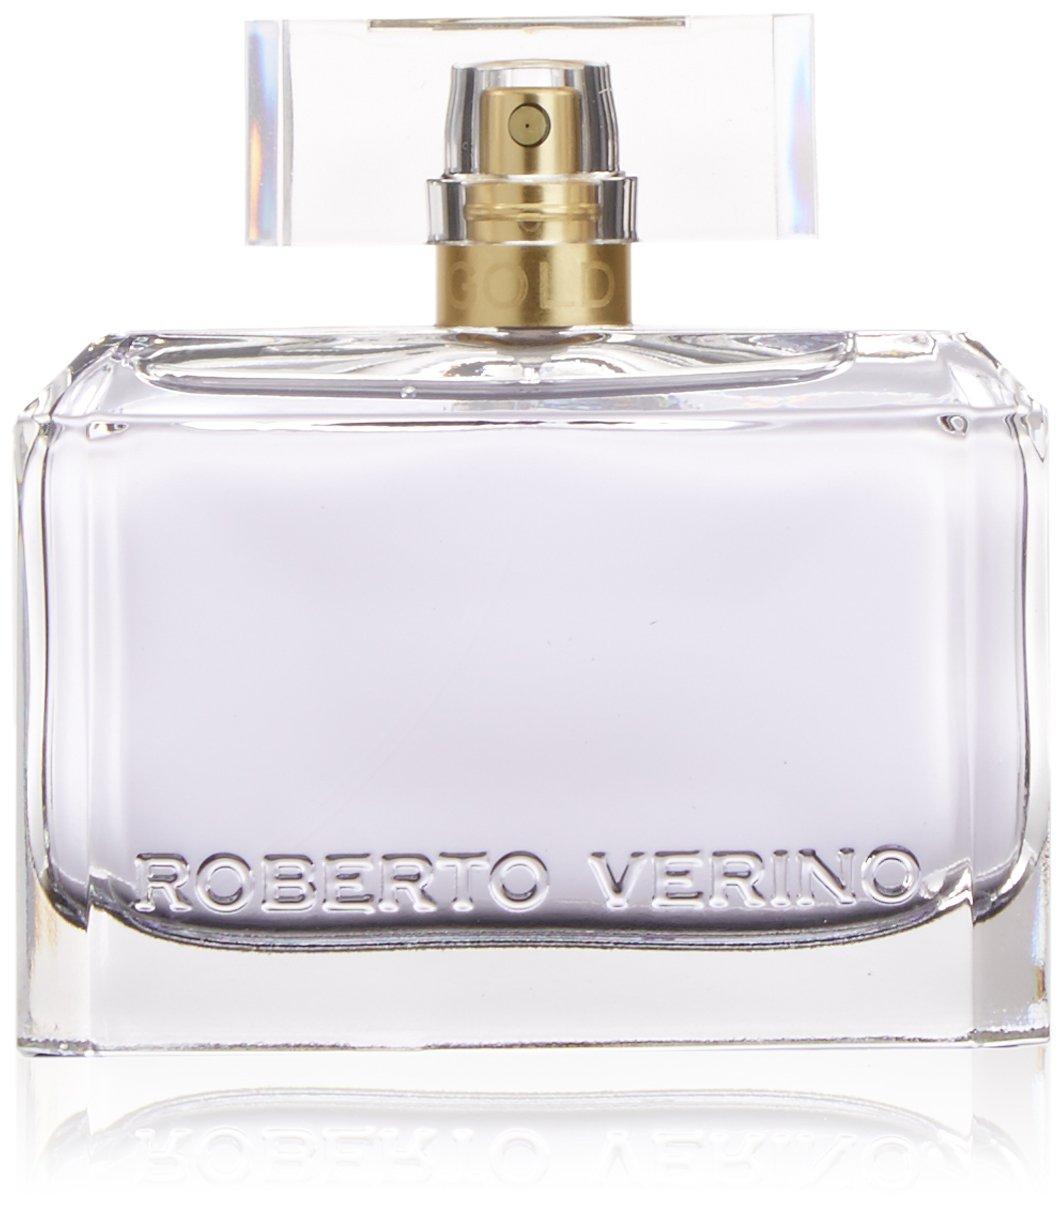 Verino Roberto Gold Diva - 50 ml Robert Verino 2524506